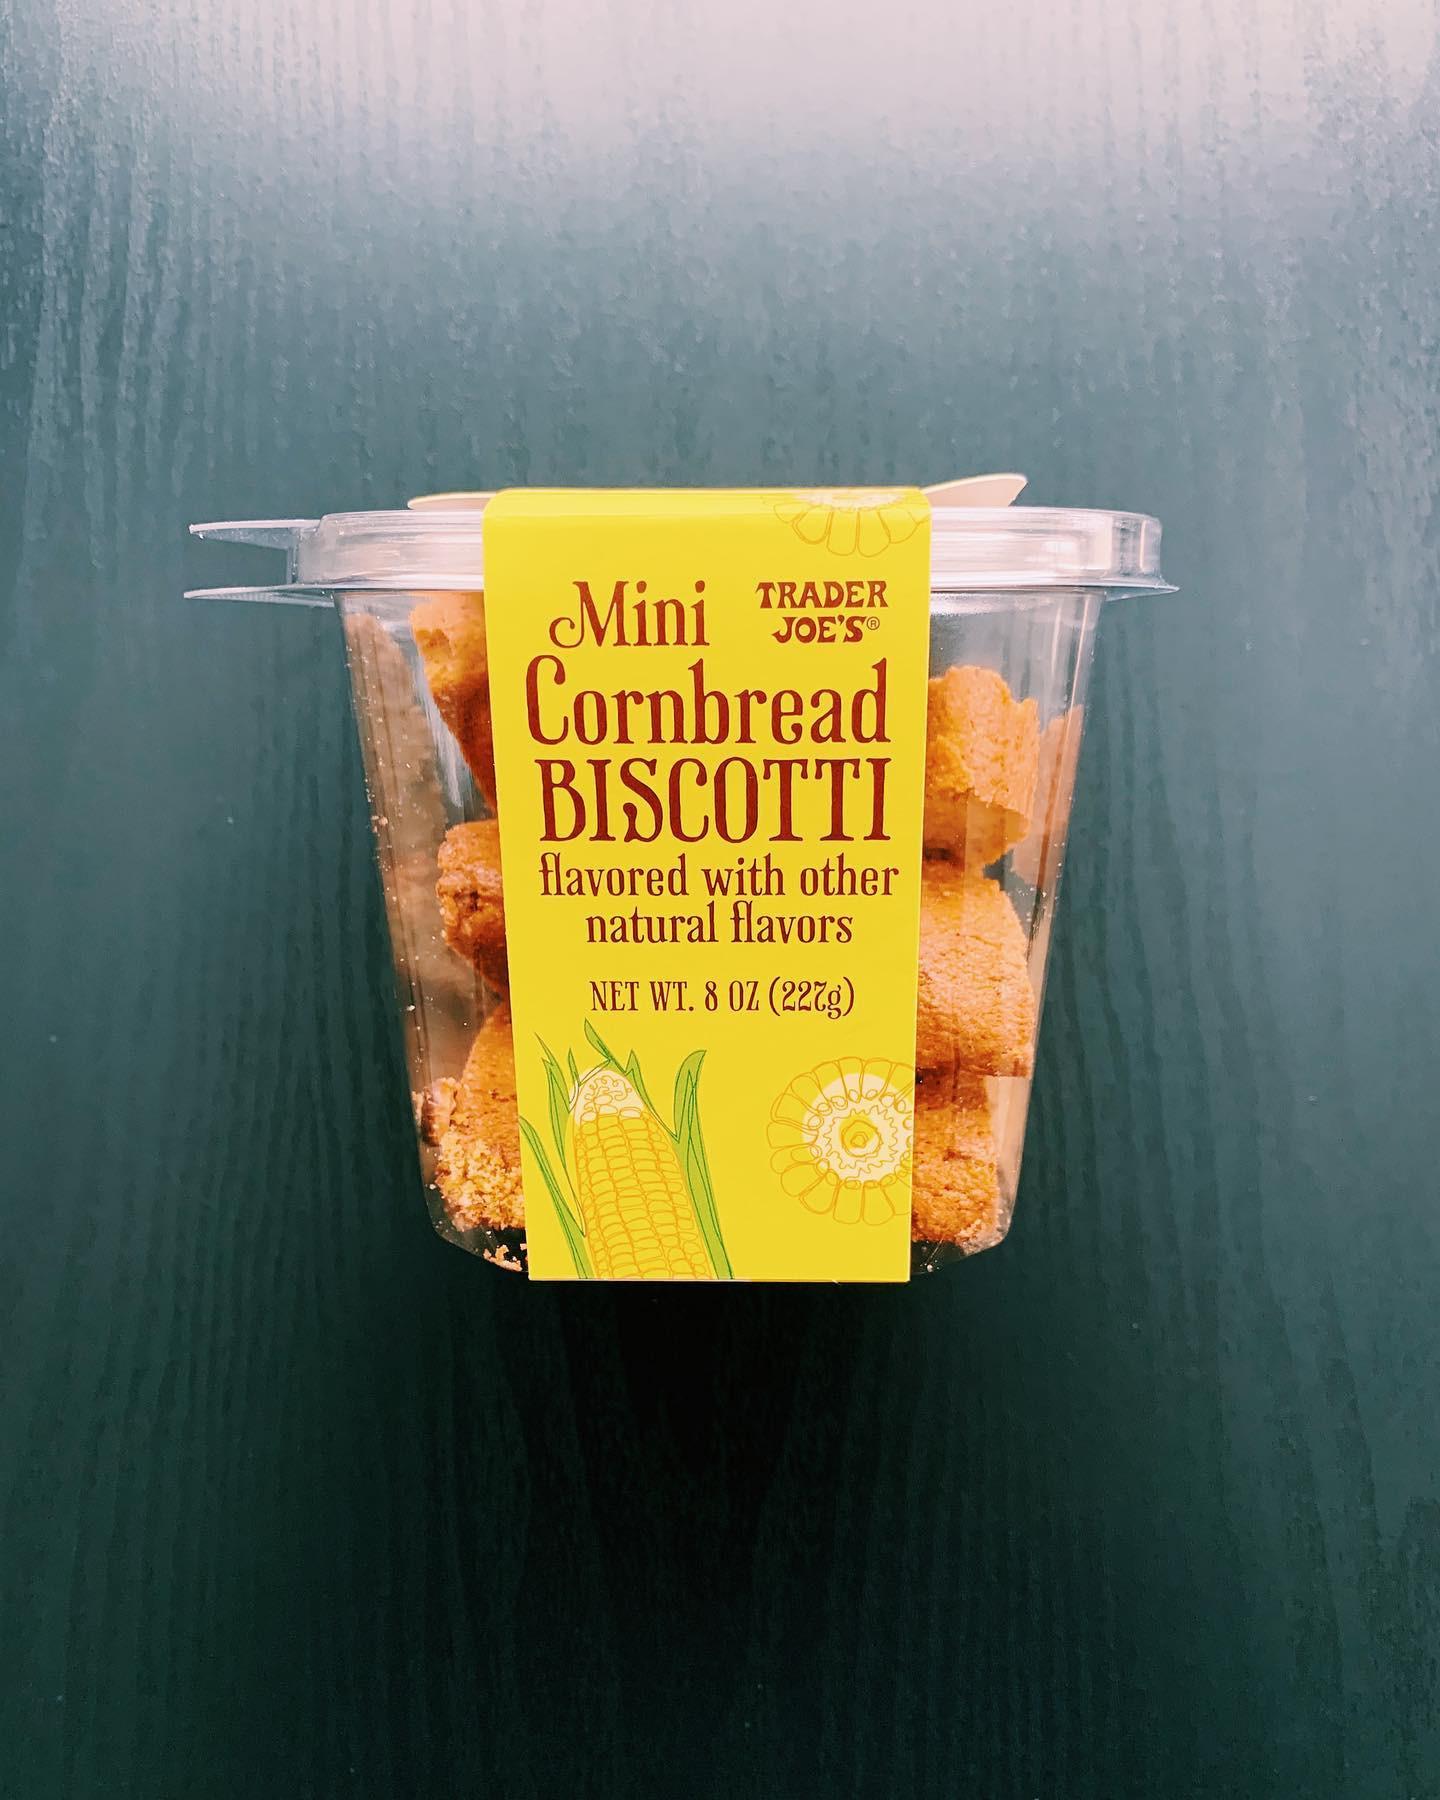 Mini Cornbread Biscotti: 7.5/10